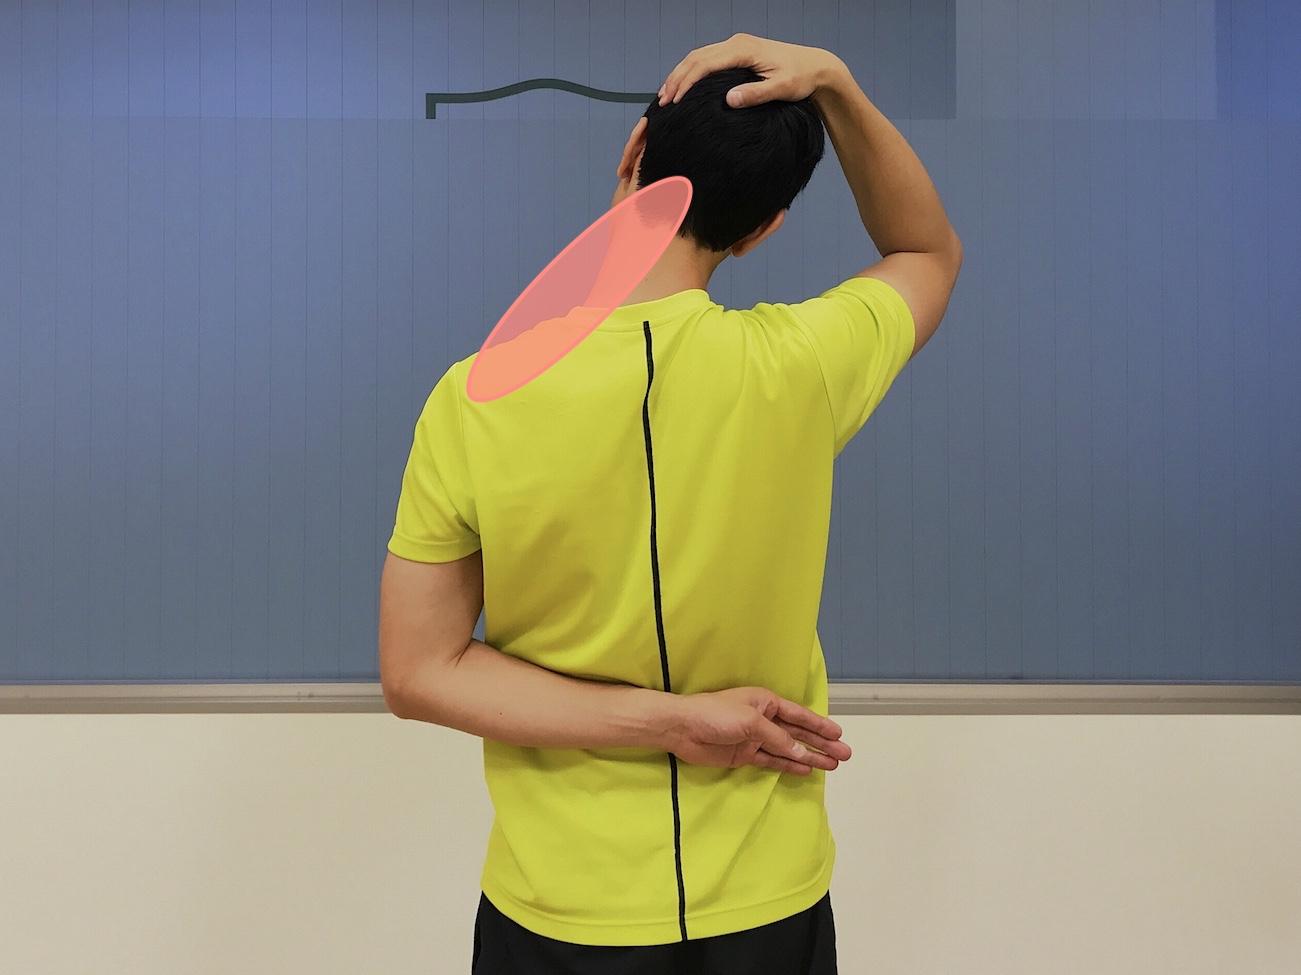 首〜肩の筋肉(僧帽筋上部)のストレッチで伸びる部位